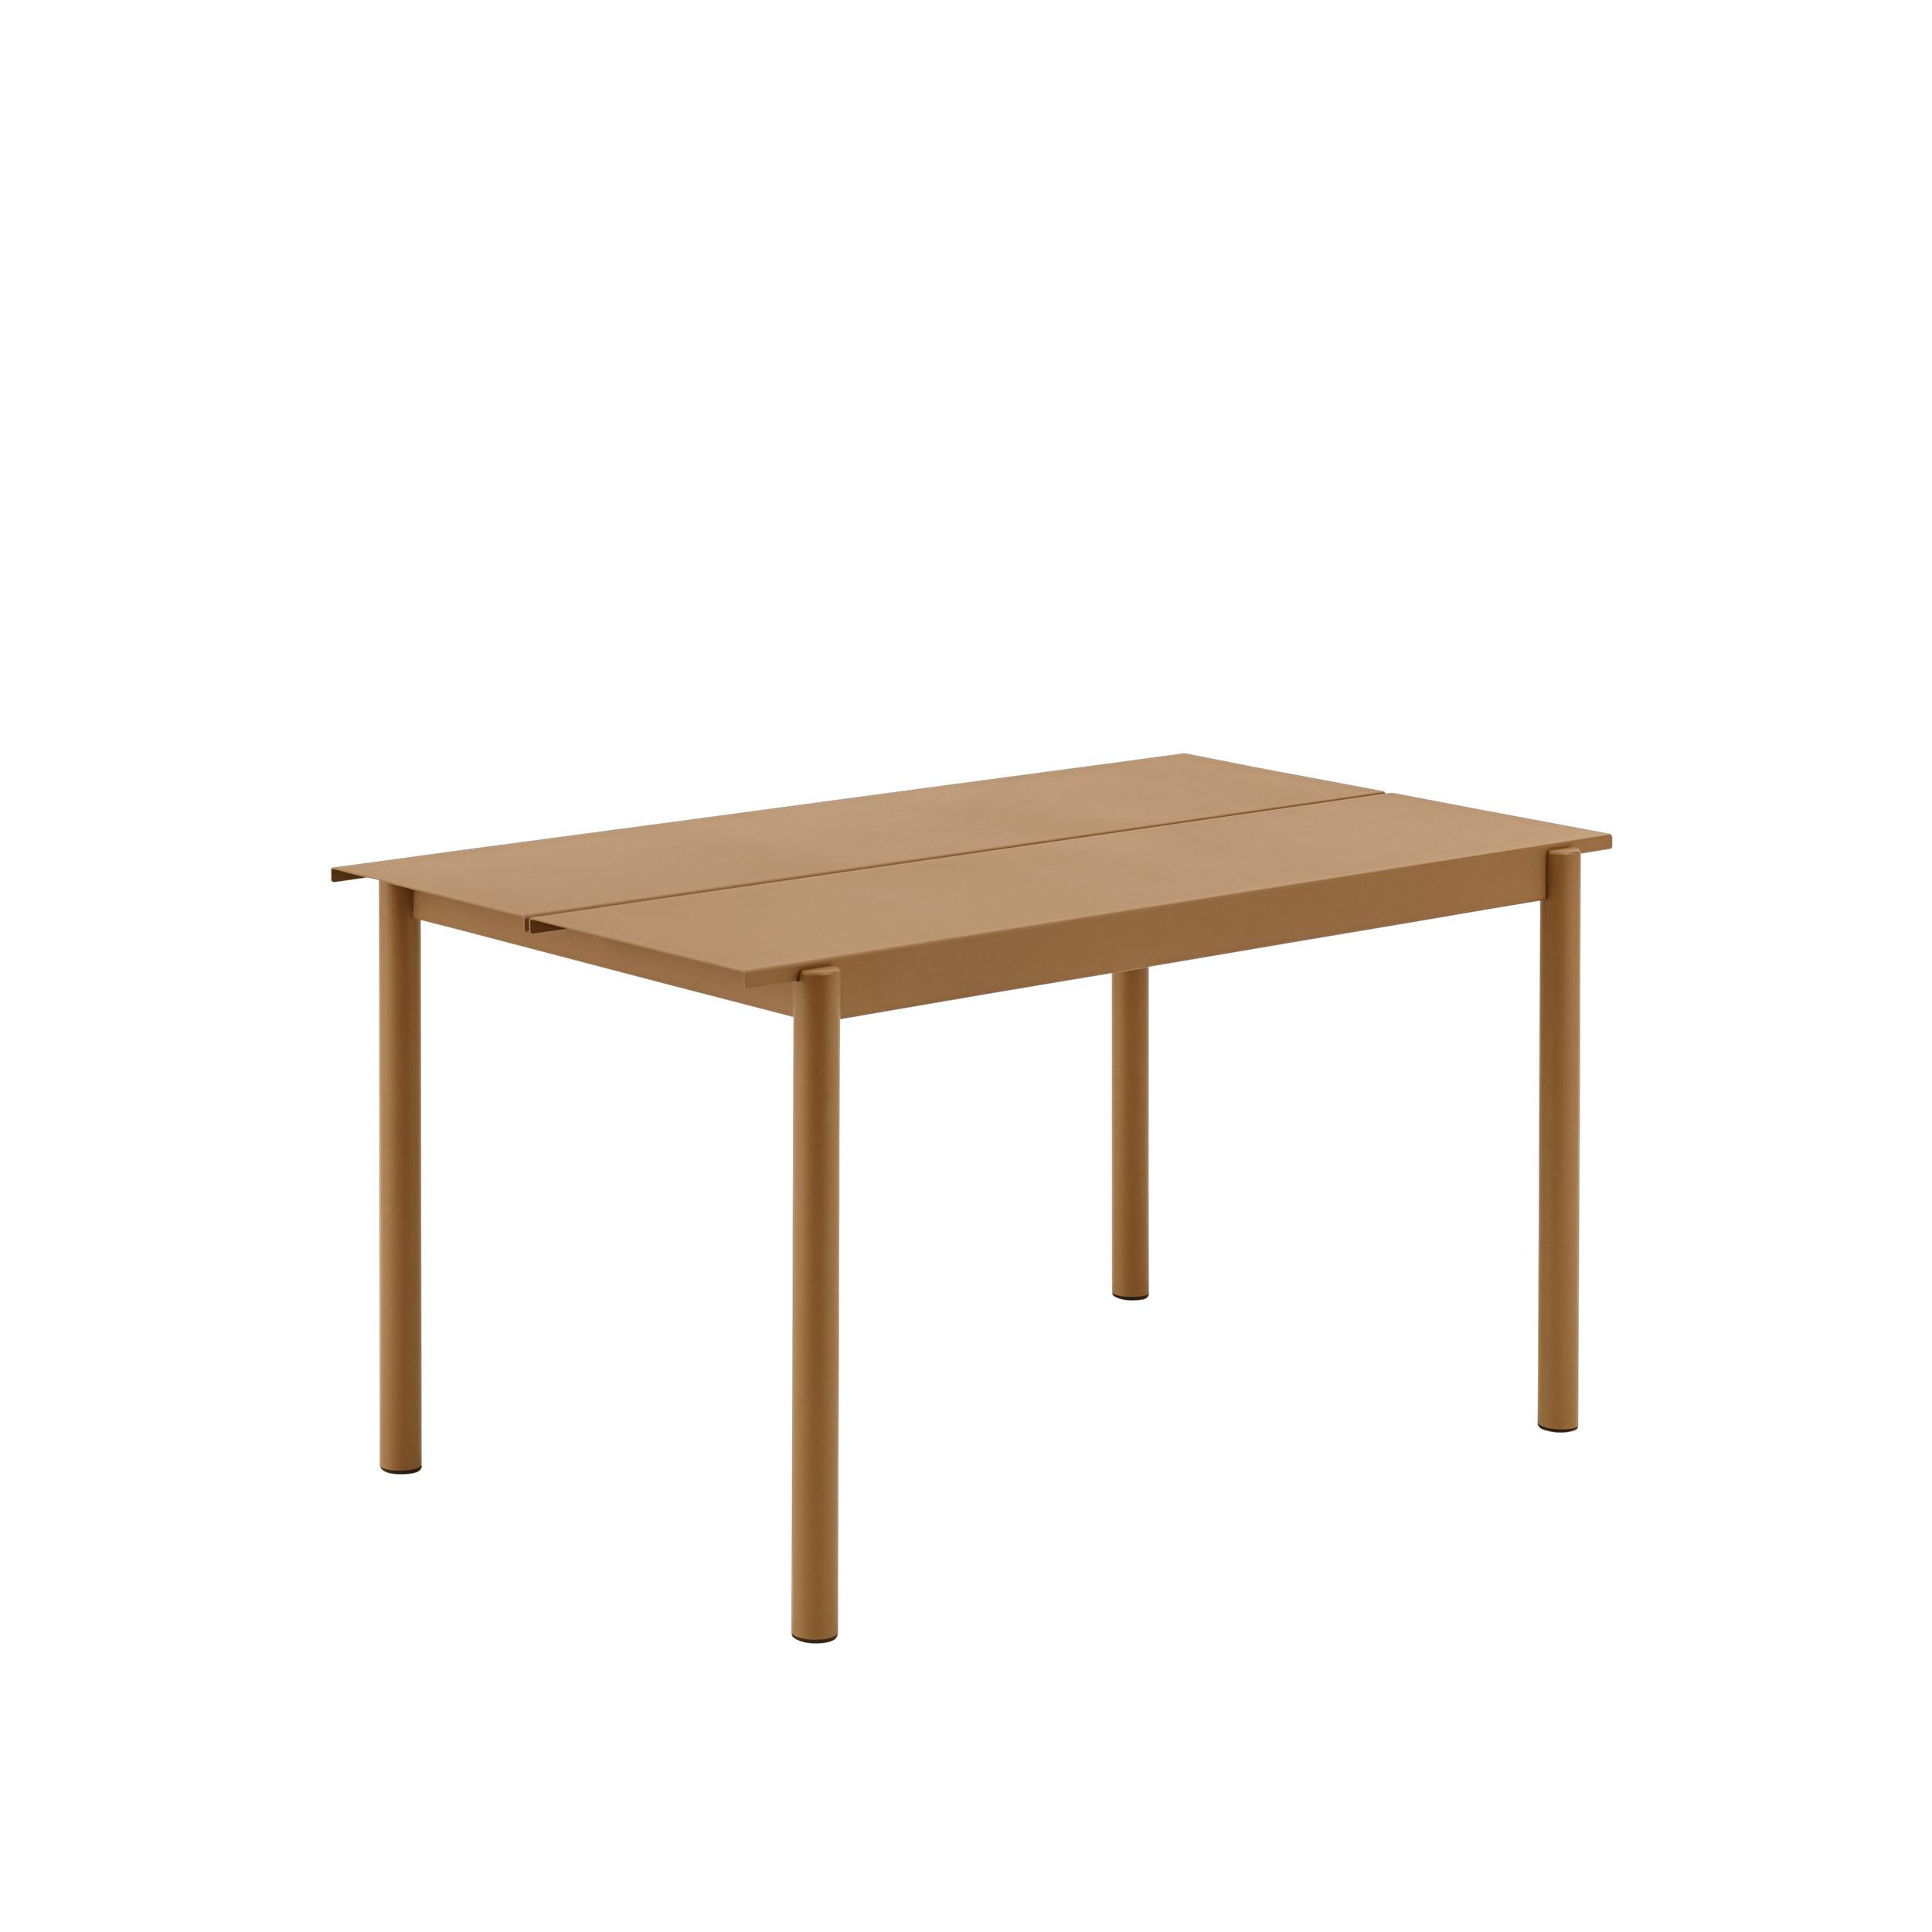 Muuto Linear Steel Table 140 Burnt Orange